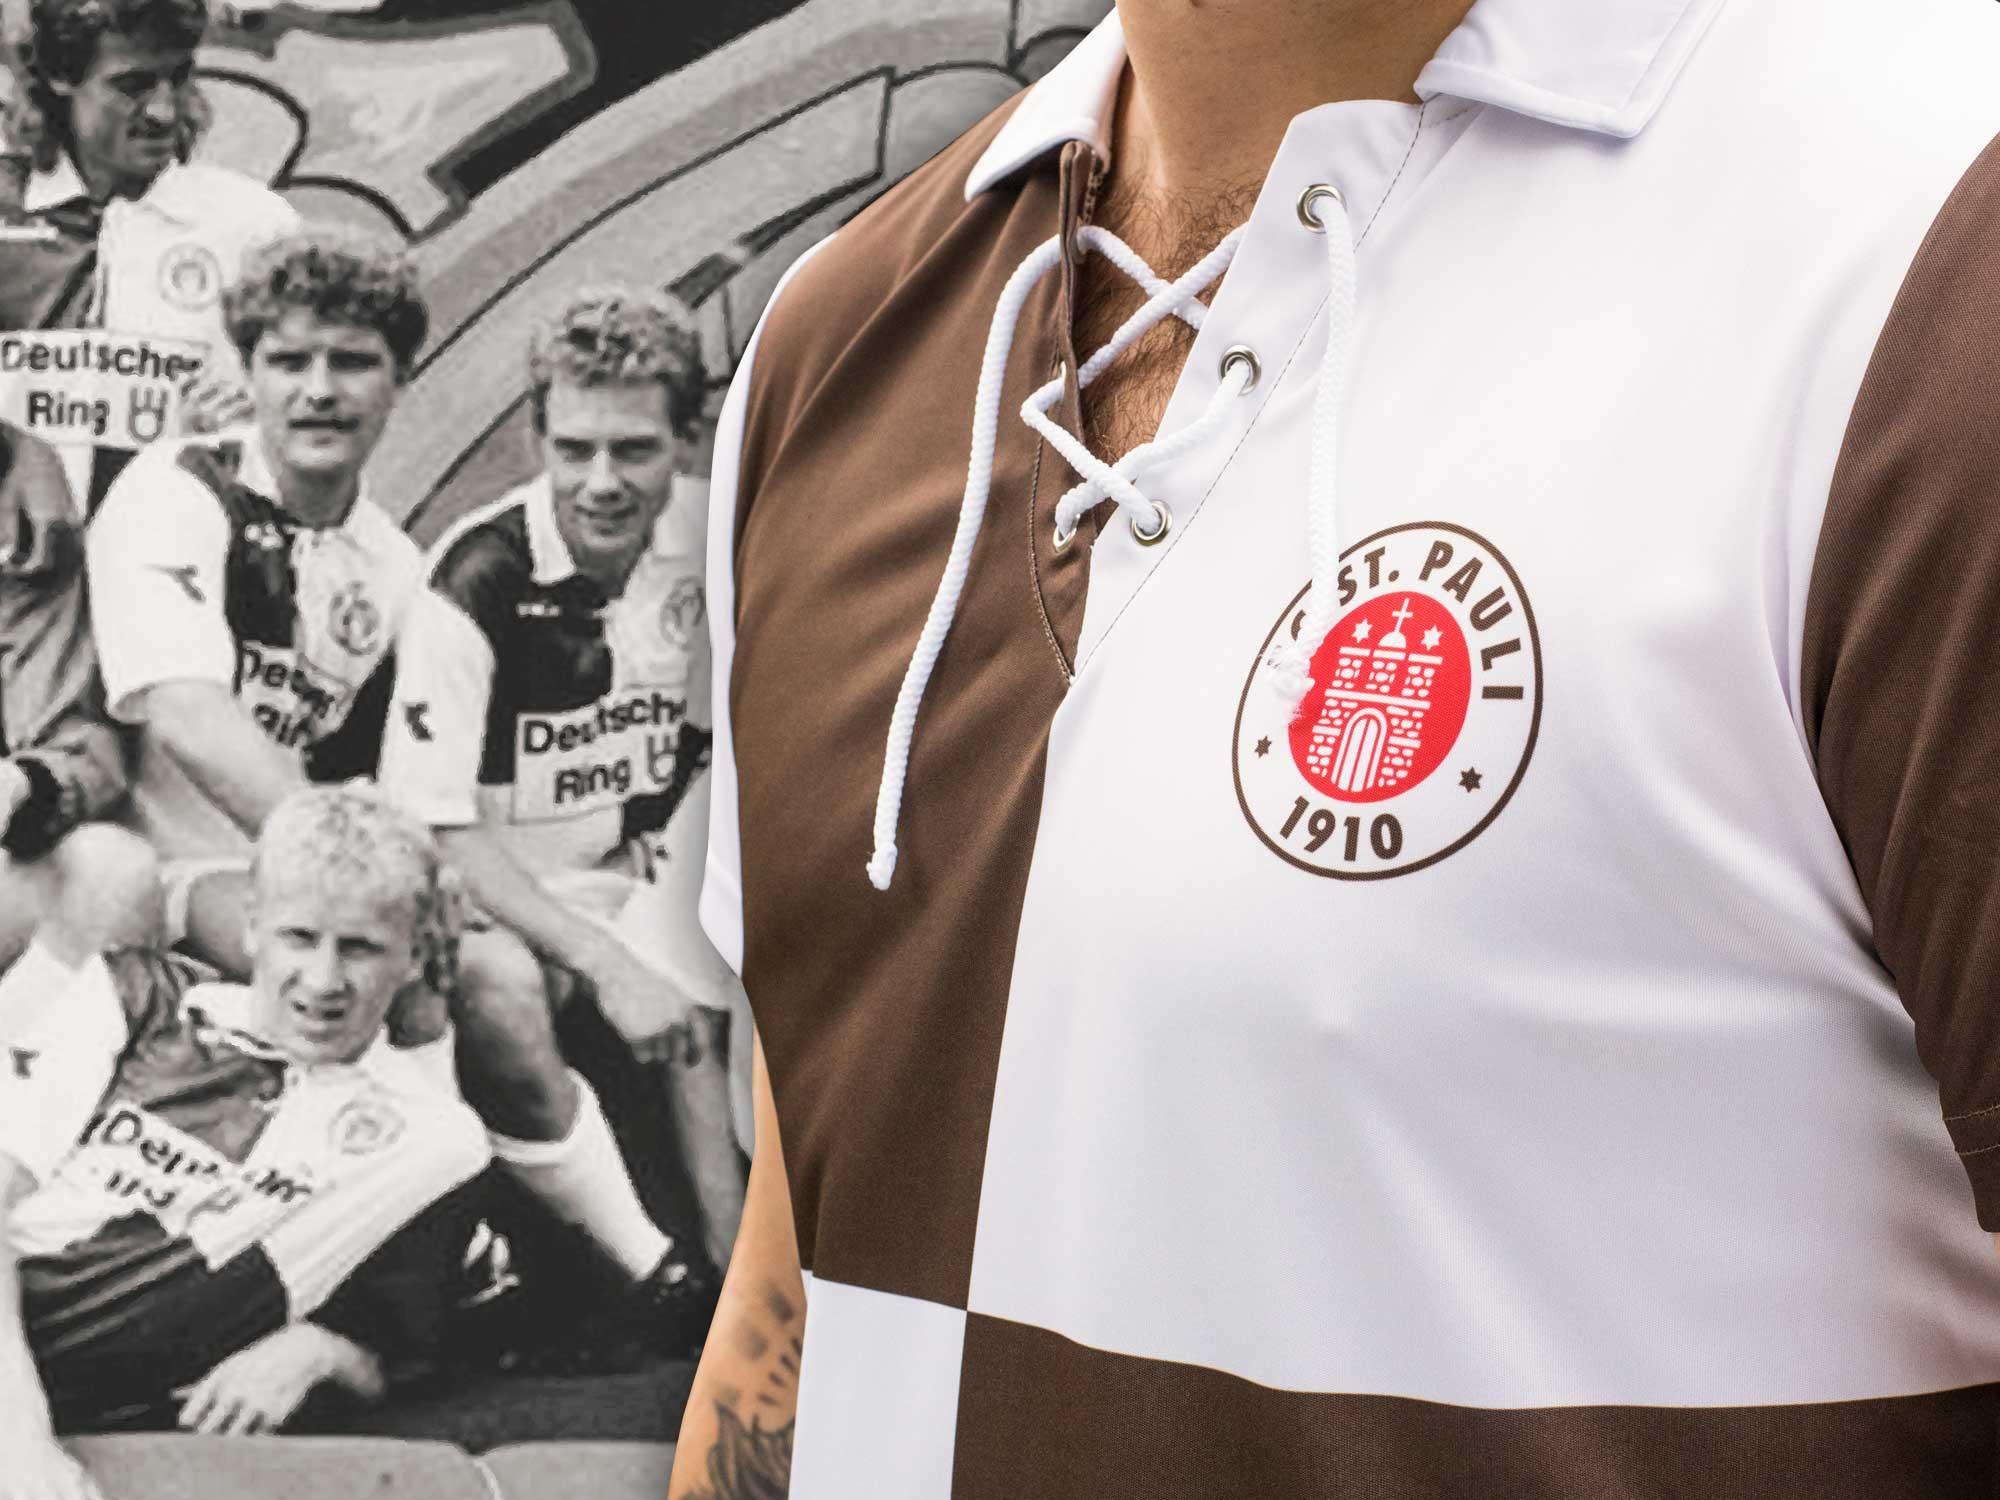 25 Jahre Karotrikot: Ein Klassiker kehrt in den FCSP-Fanshop zurück